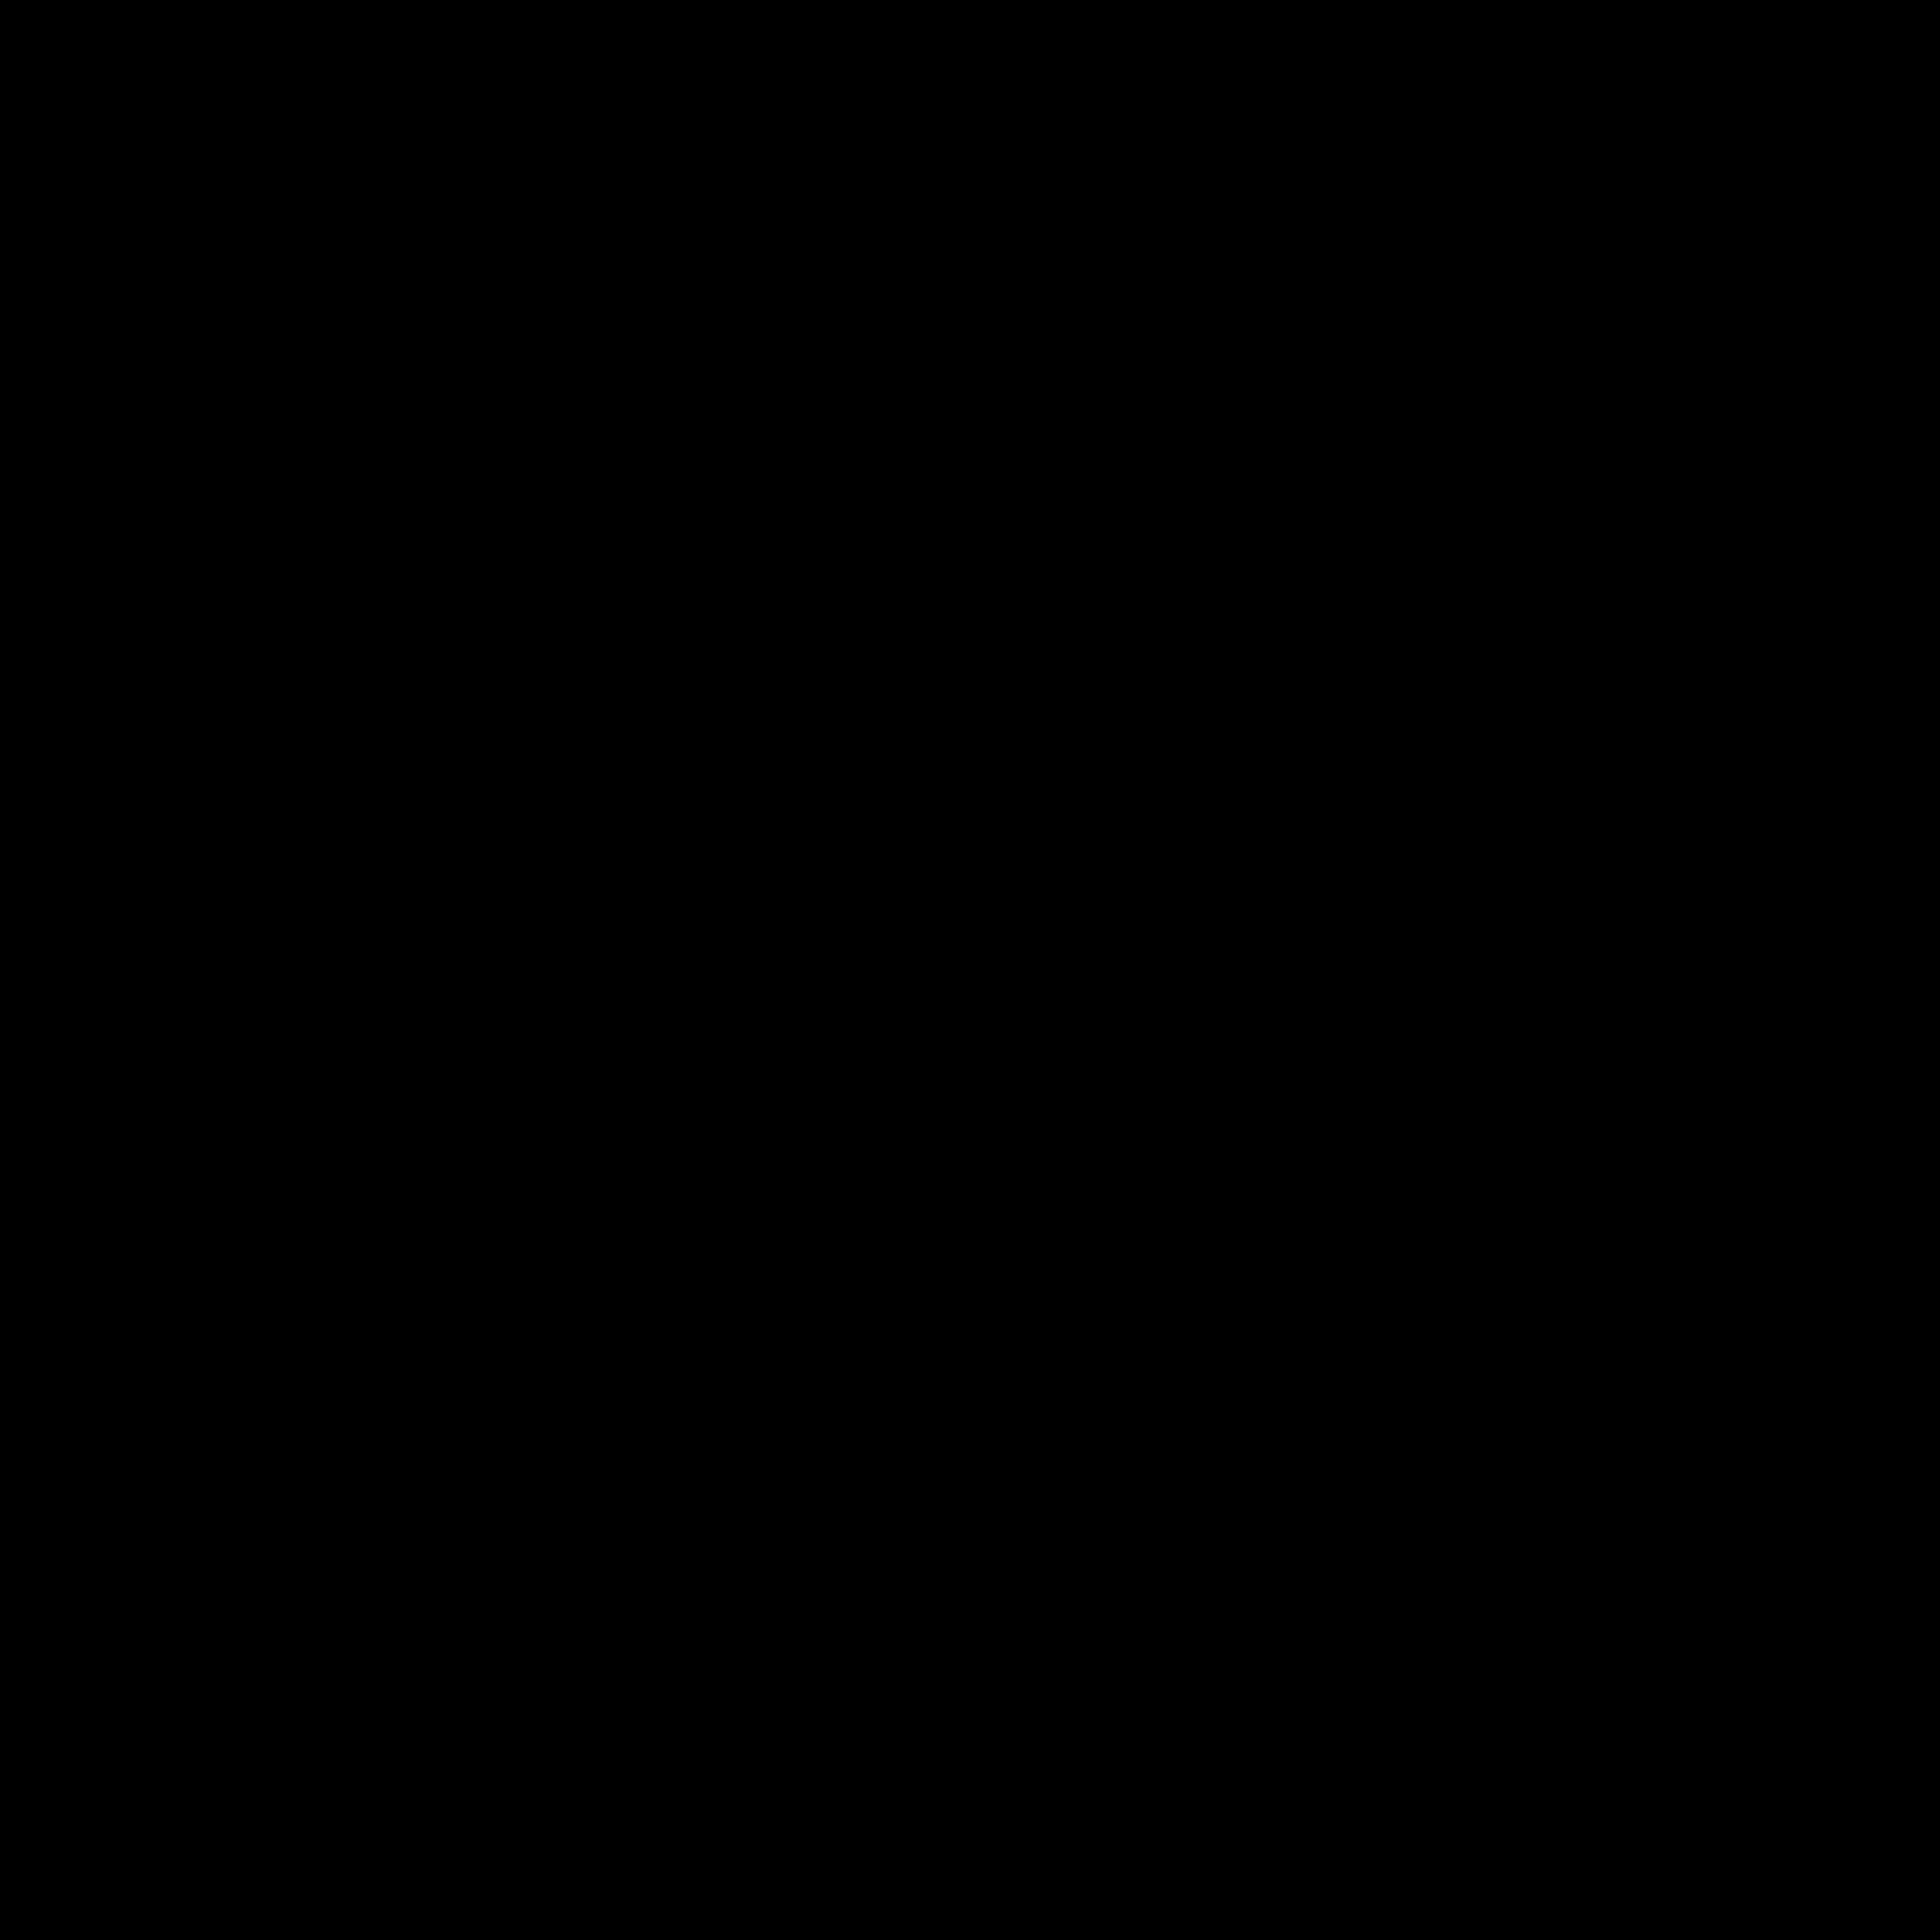 Starfsáætlun Tjarnarinnar 2017-2018